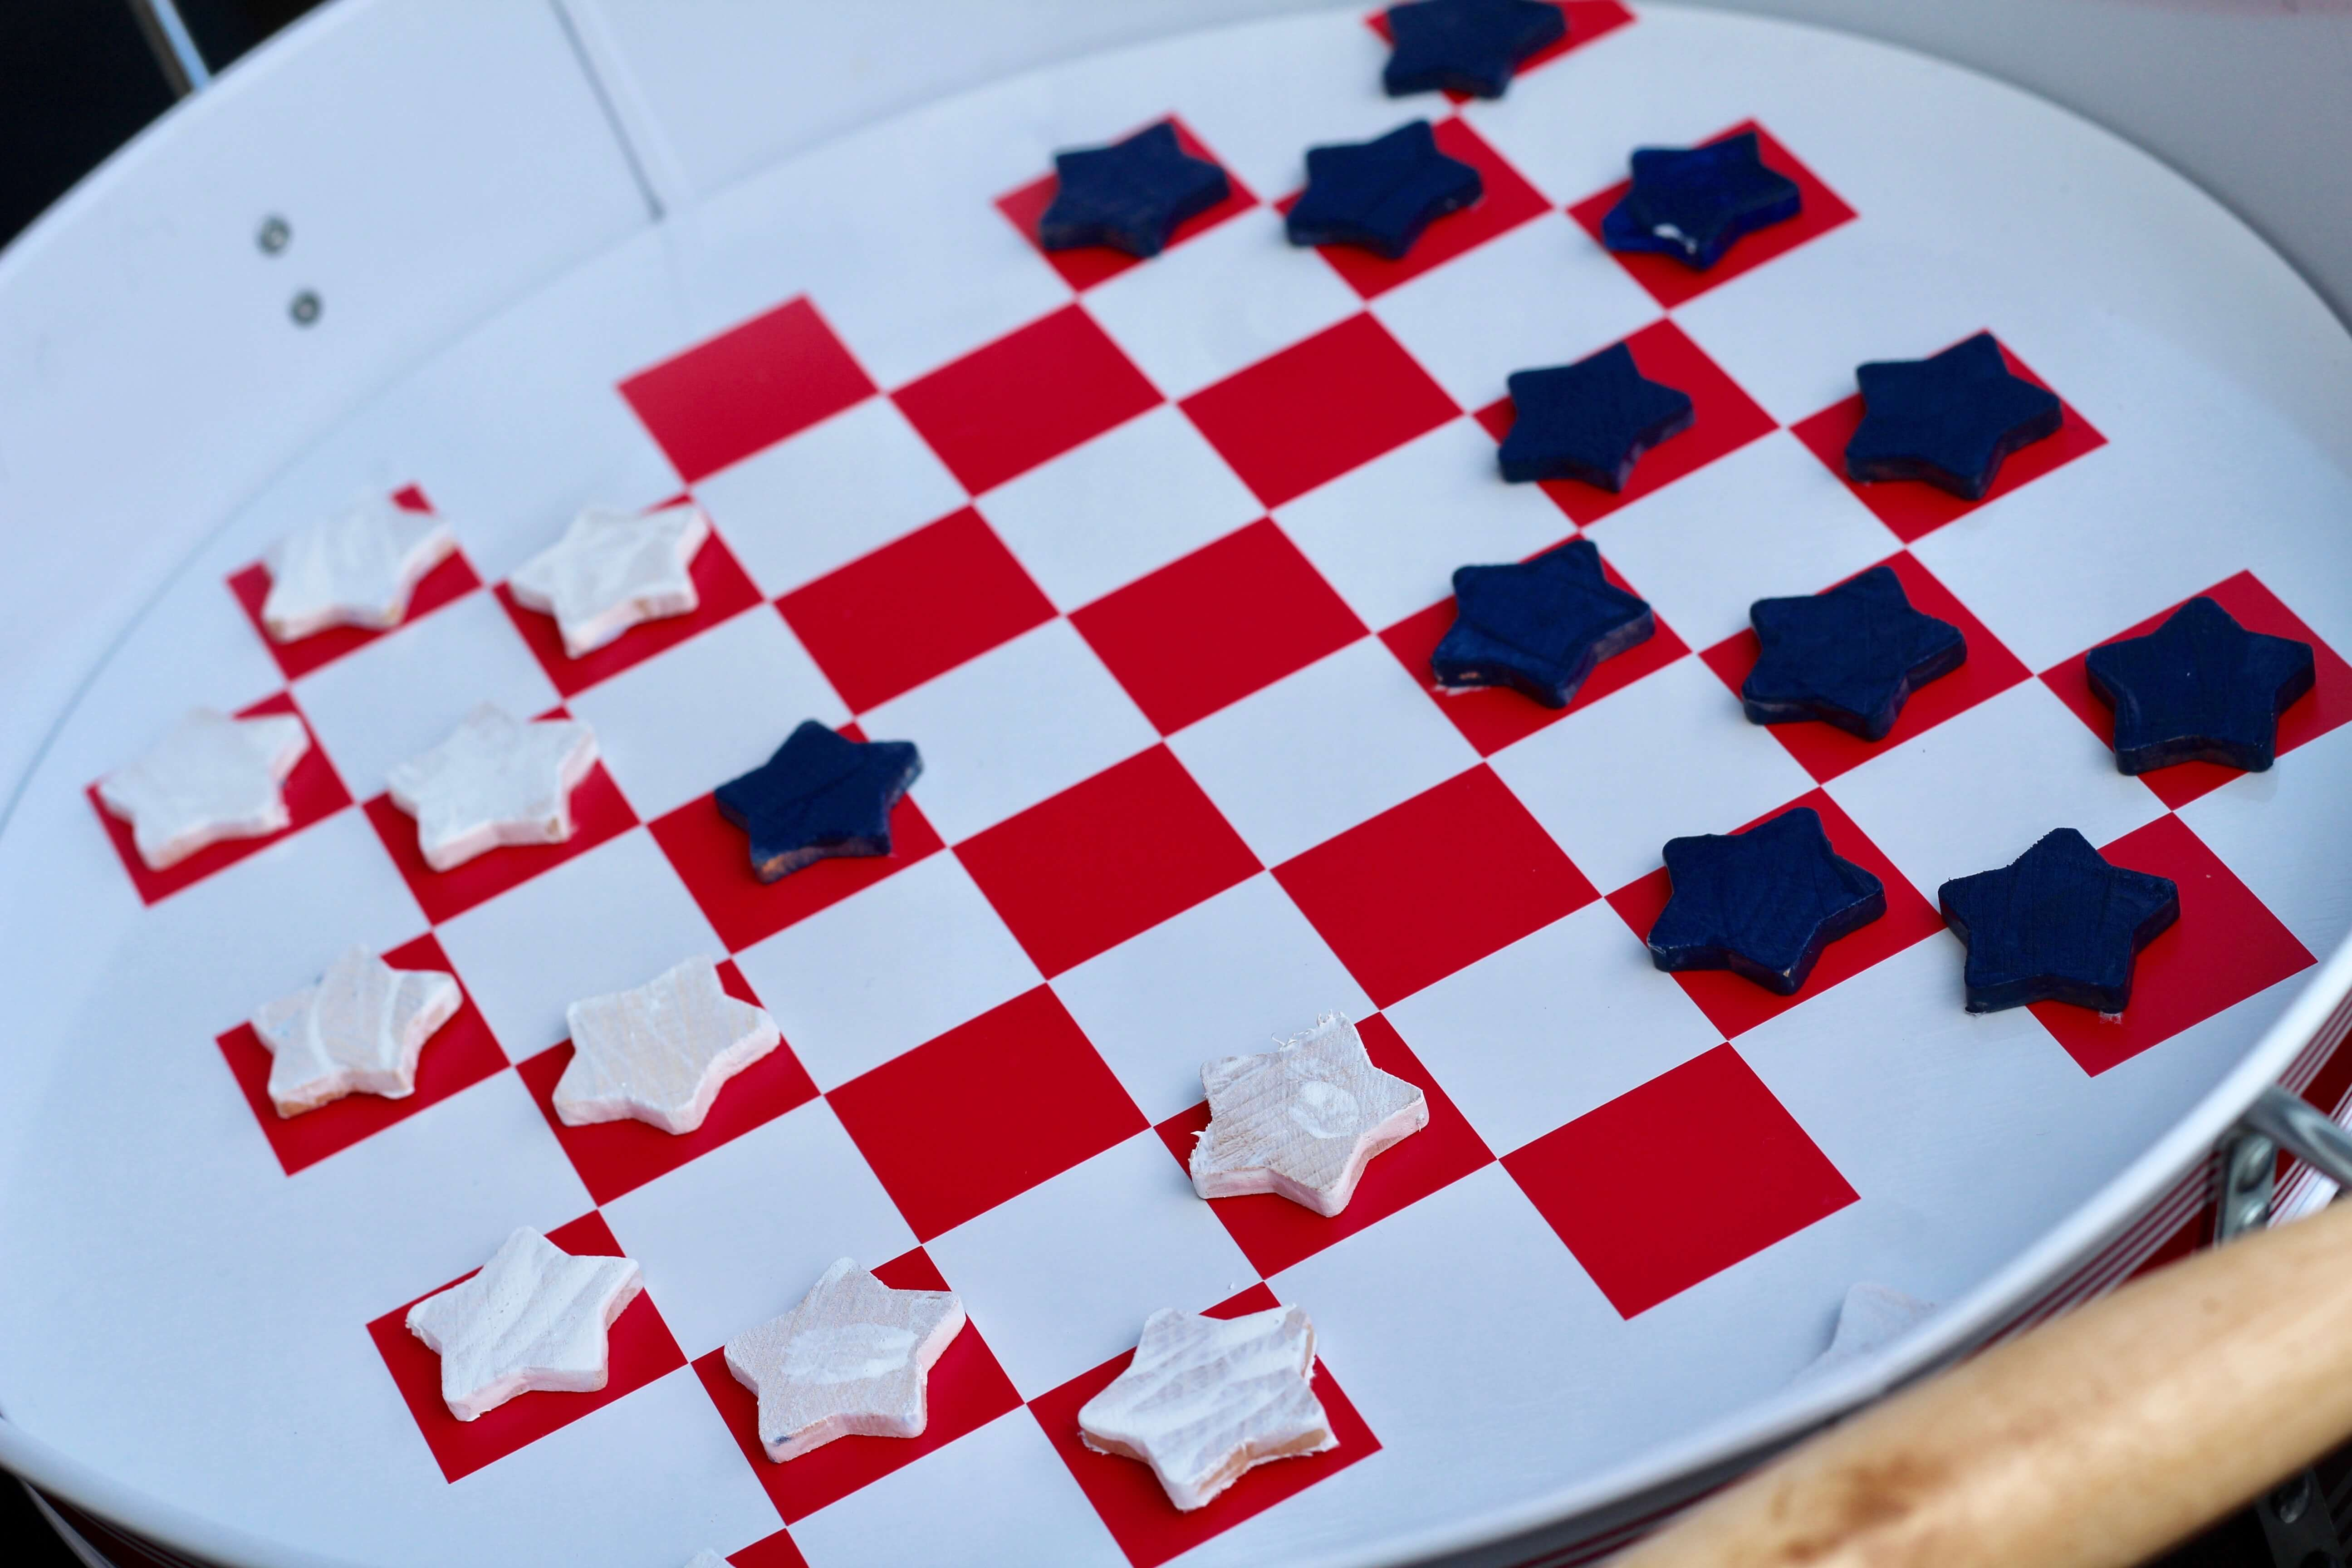 Backyard, Outdoor AC, DIY Games, Checkers, Cricut